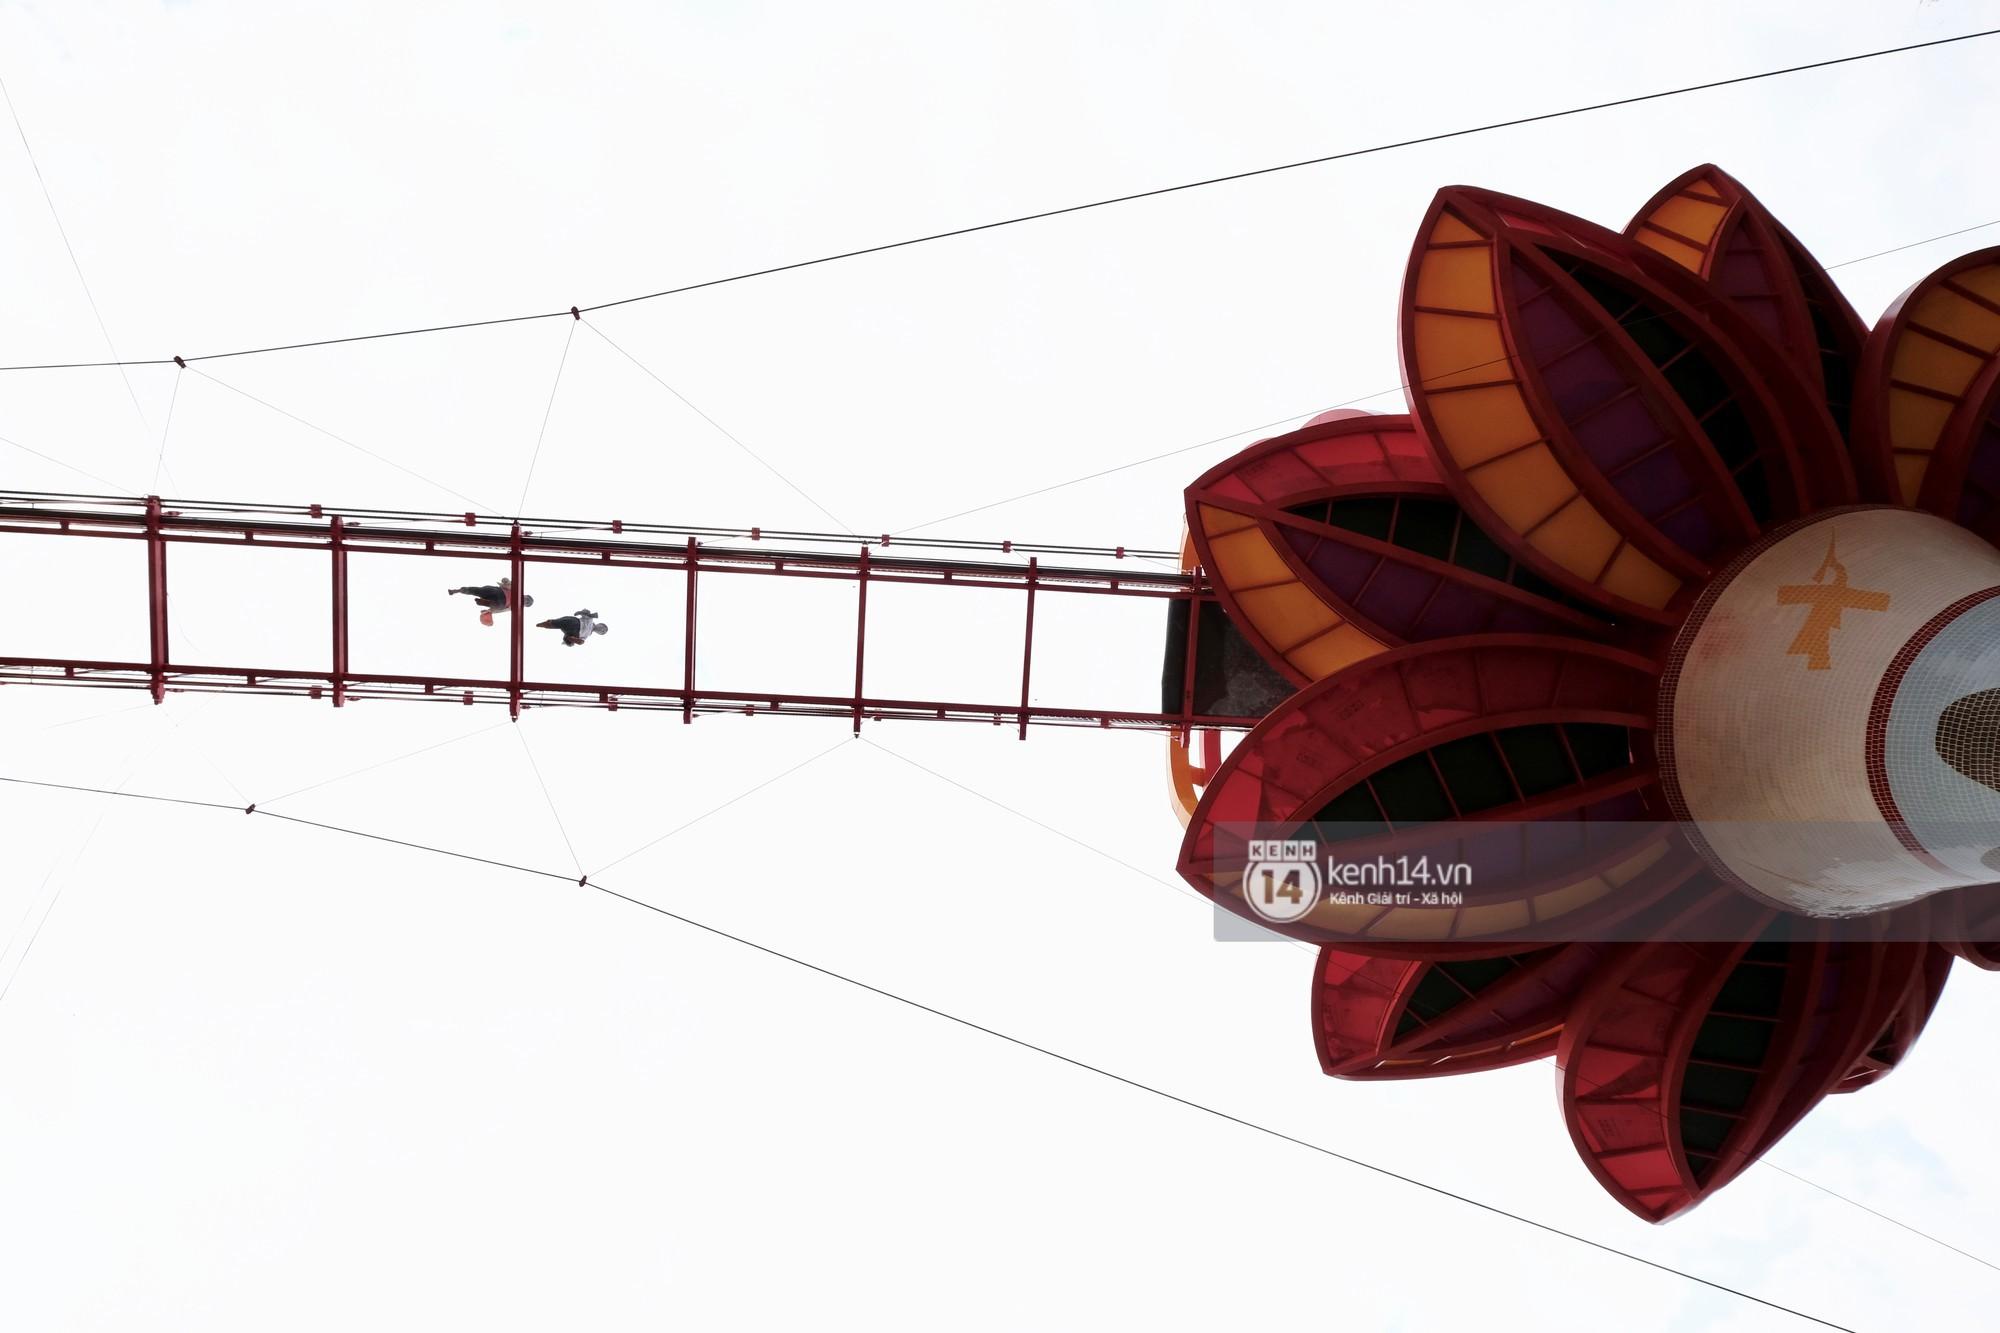 Hệ dây văng chịu lực đảm bảo tính an toàn cao chịu được trọng tải trên 50 tấn.